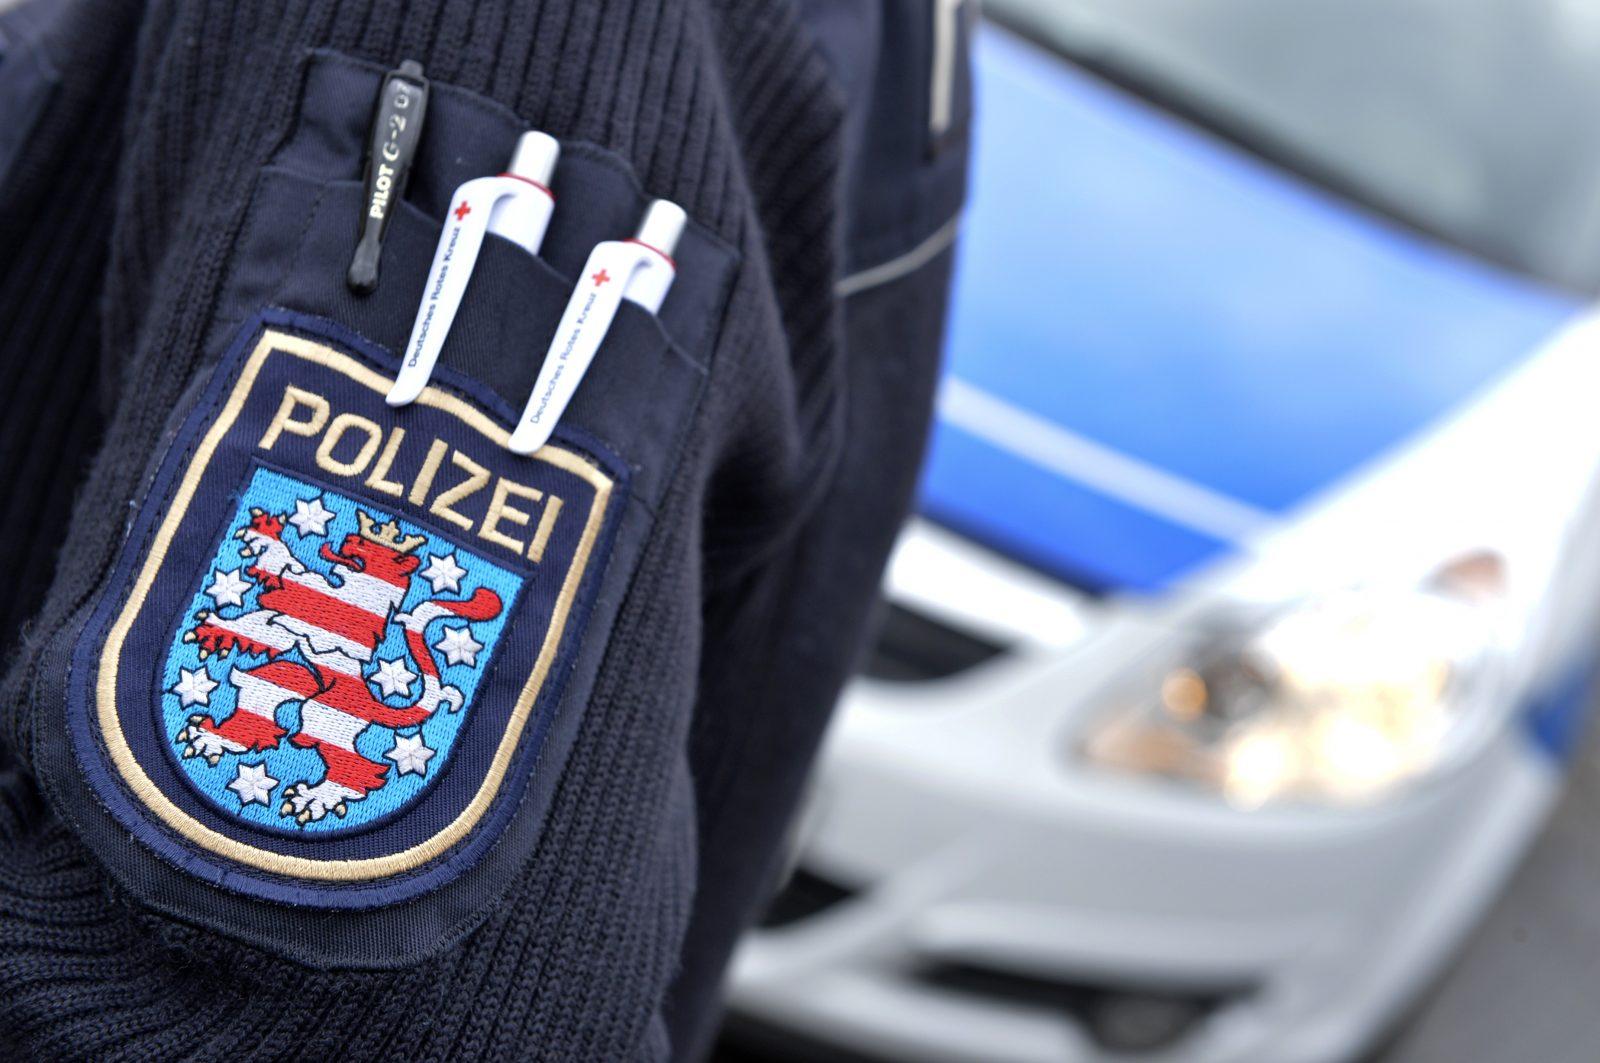 Thüringens Wappen auf einer Polizeiuniform Foto: picture alliance/Volkmar Heinz/dpa-Zentralbild/ZB